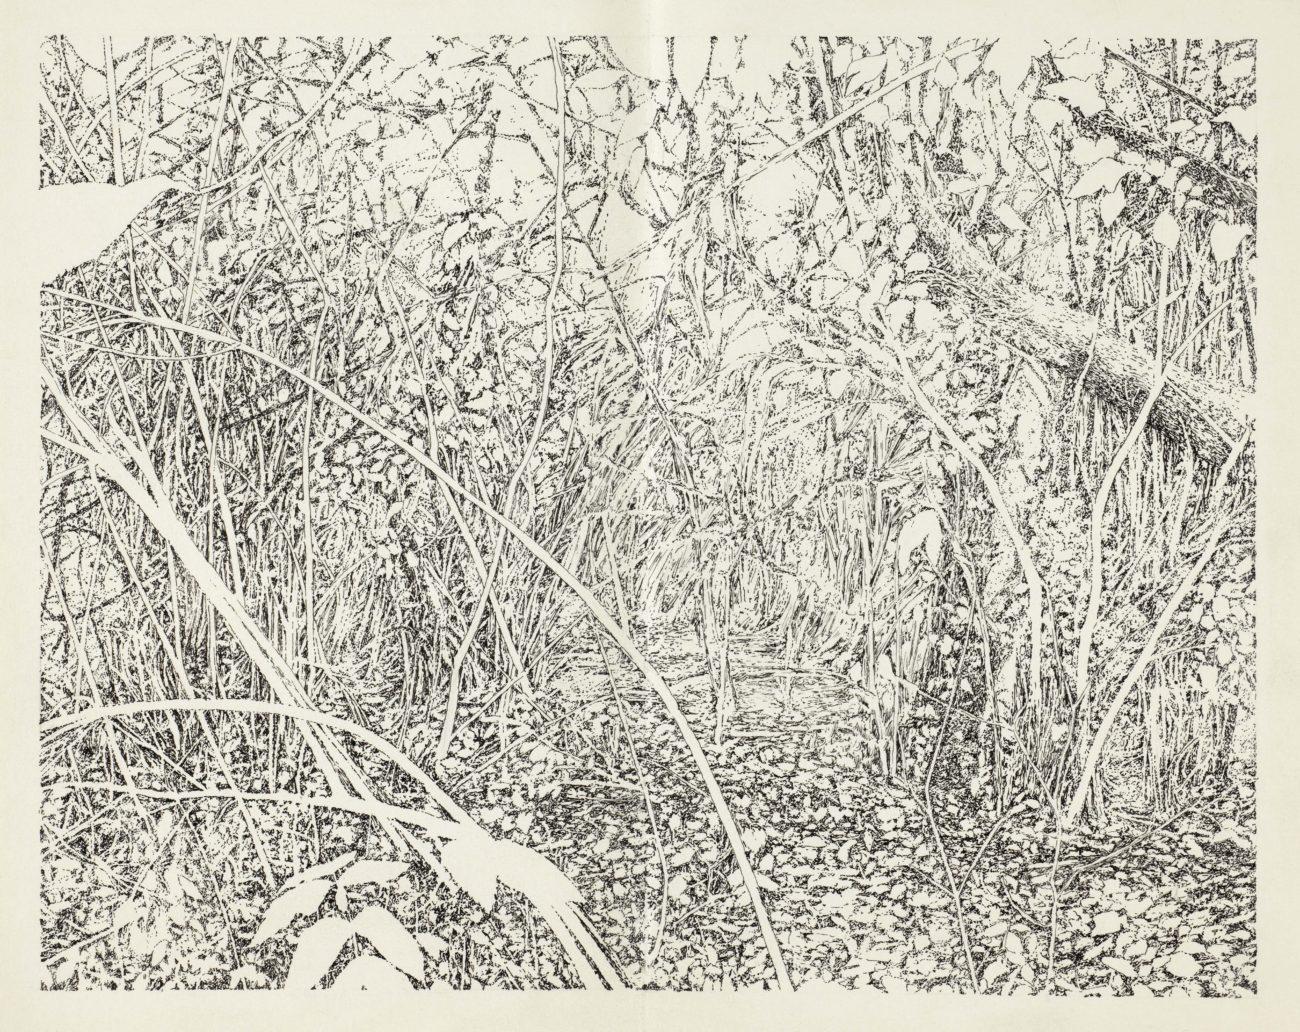 Forêt, Hardt, Emmanuel Henninger, Henninger, dessin, art, noir, blanc, réalisme, alsace, artiste